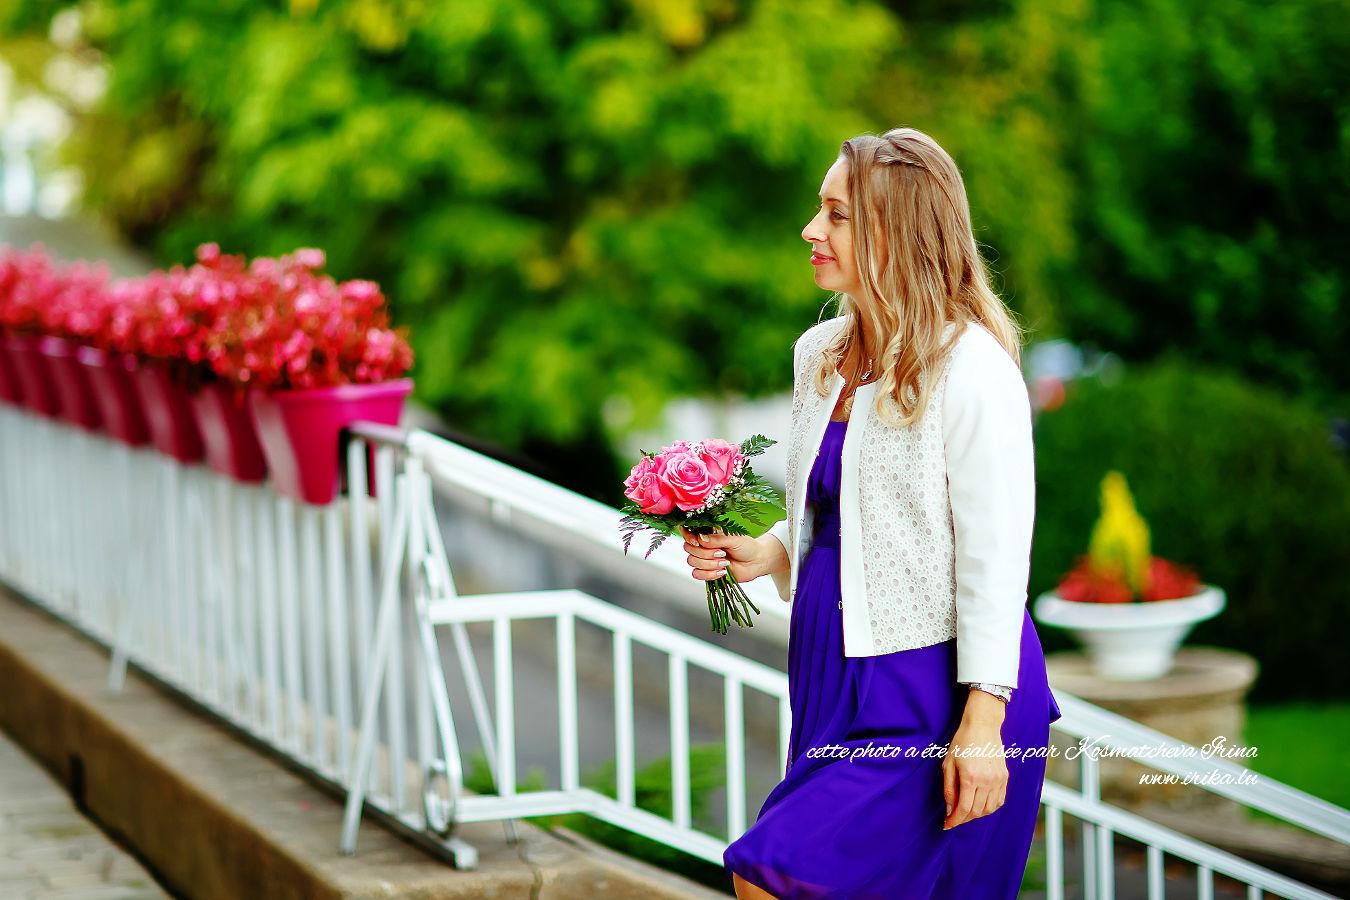 En montant les escaliers fleuris